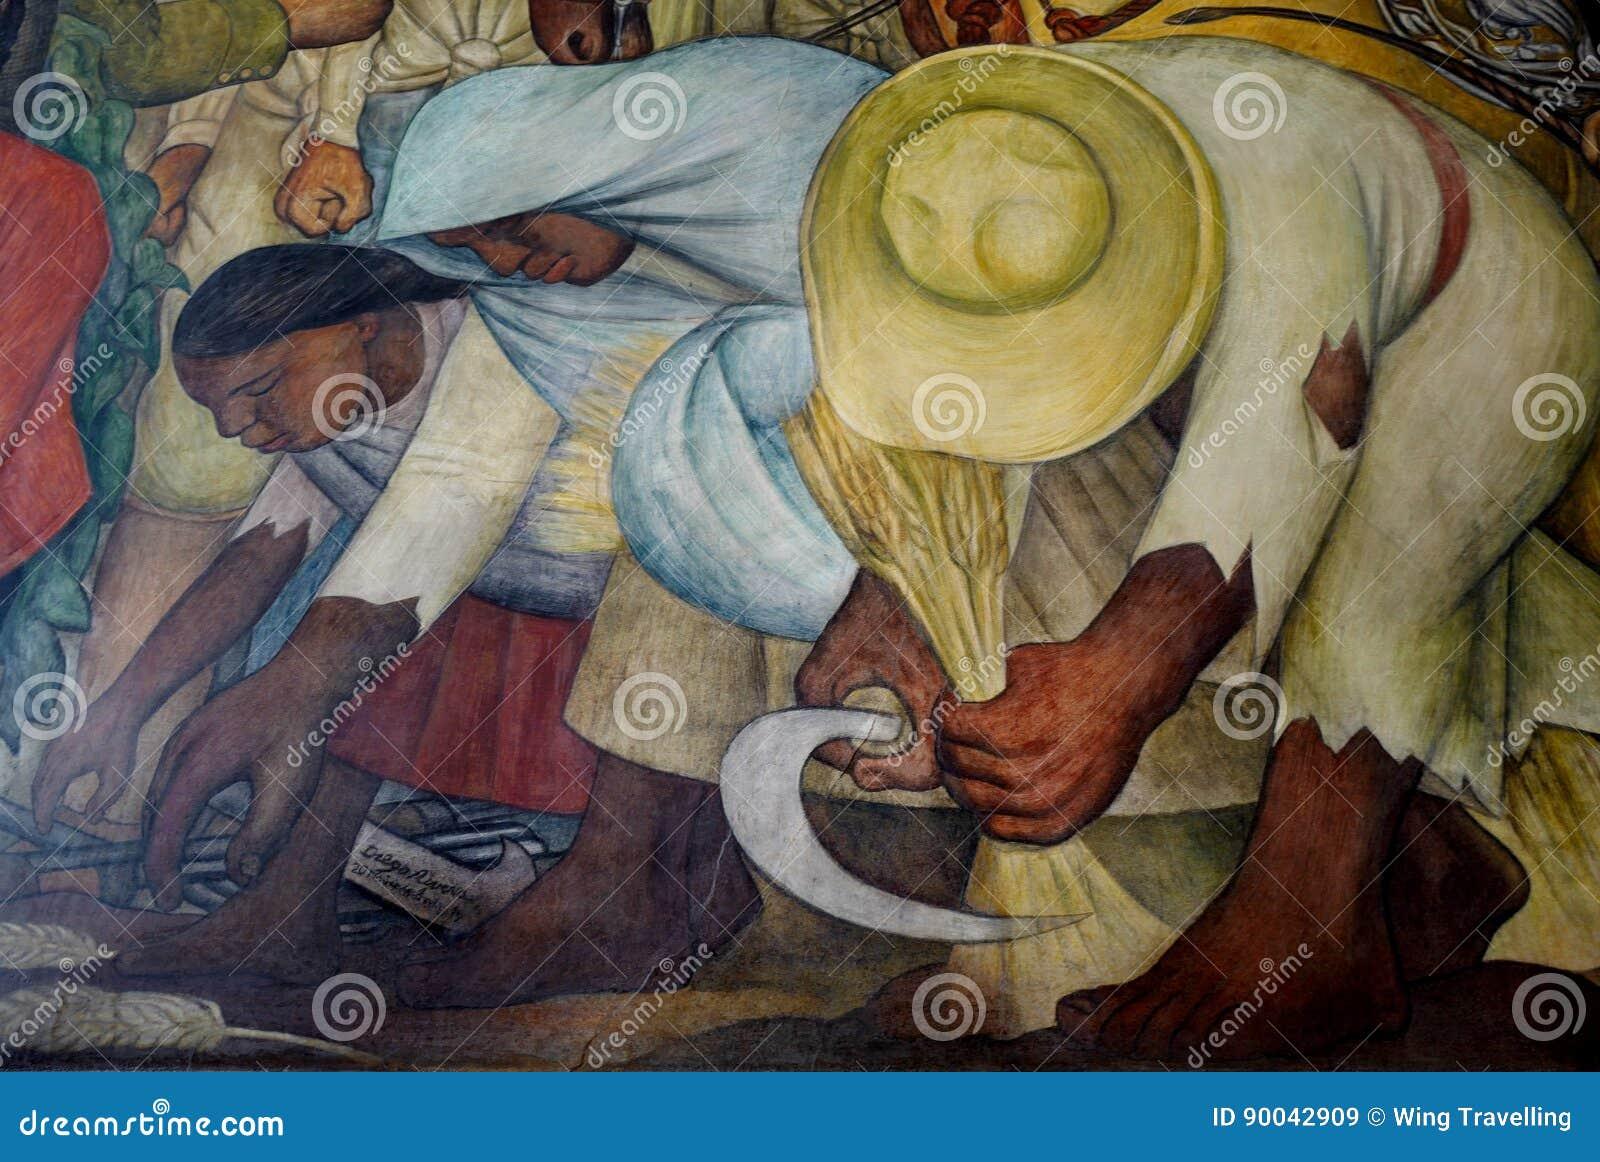 Väggmålning av Diego Rivera, Mexico